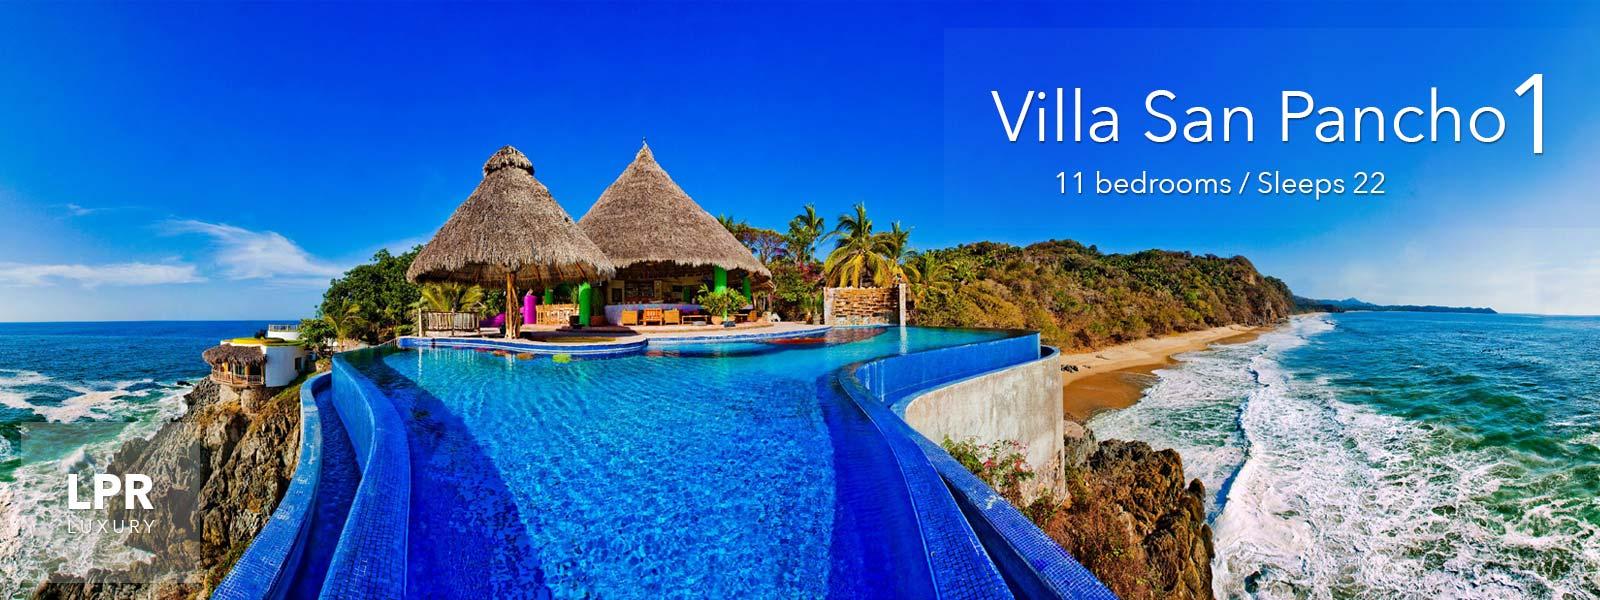 Villa San Pancho 1 - San Pancho, Riviera Nayarit, Mexico